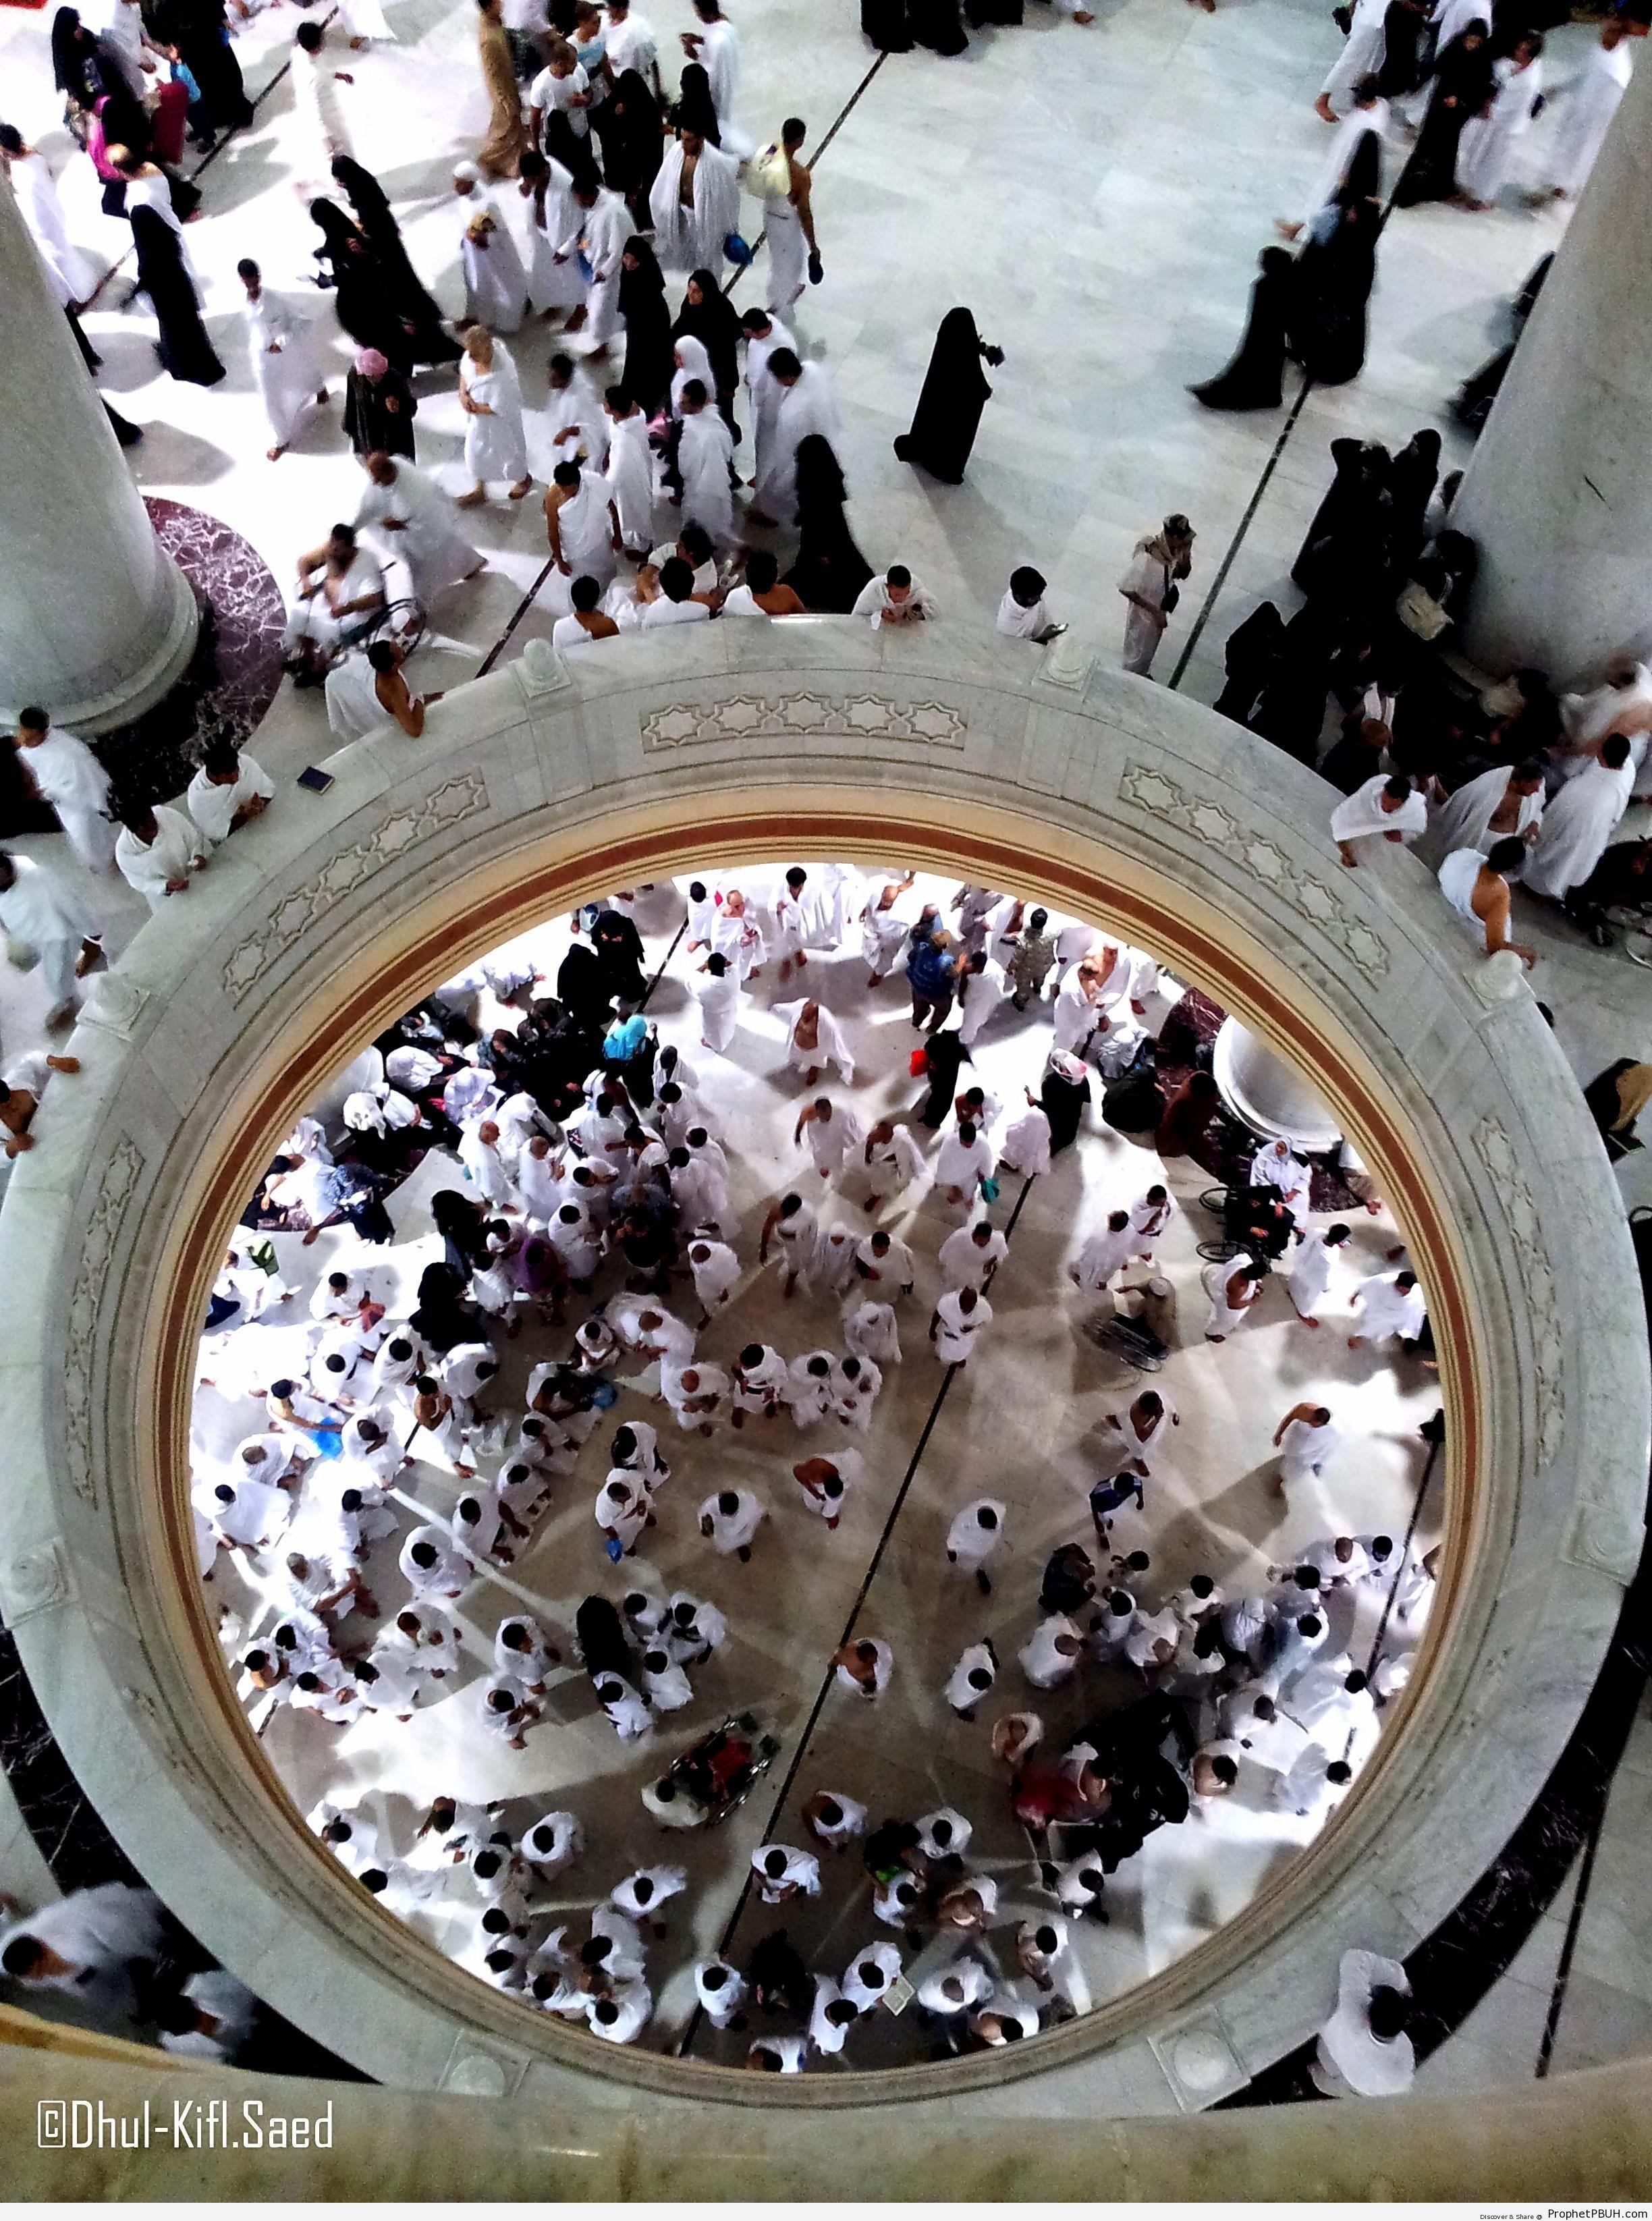 Pilgrims at Masjid al-Haram - al-Masjid al-Haram in Makkah, Saudi Arabia -Picture